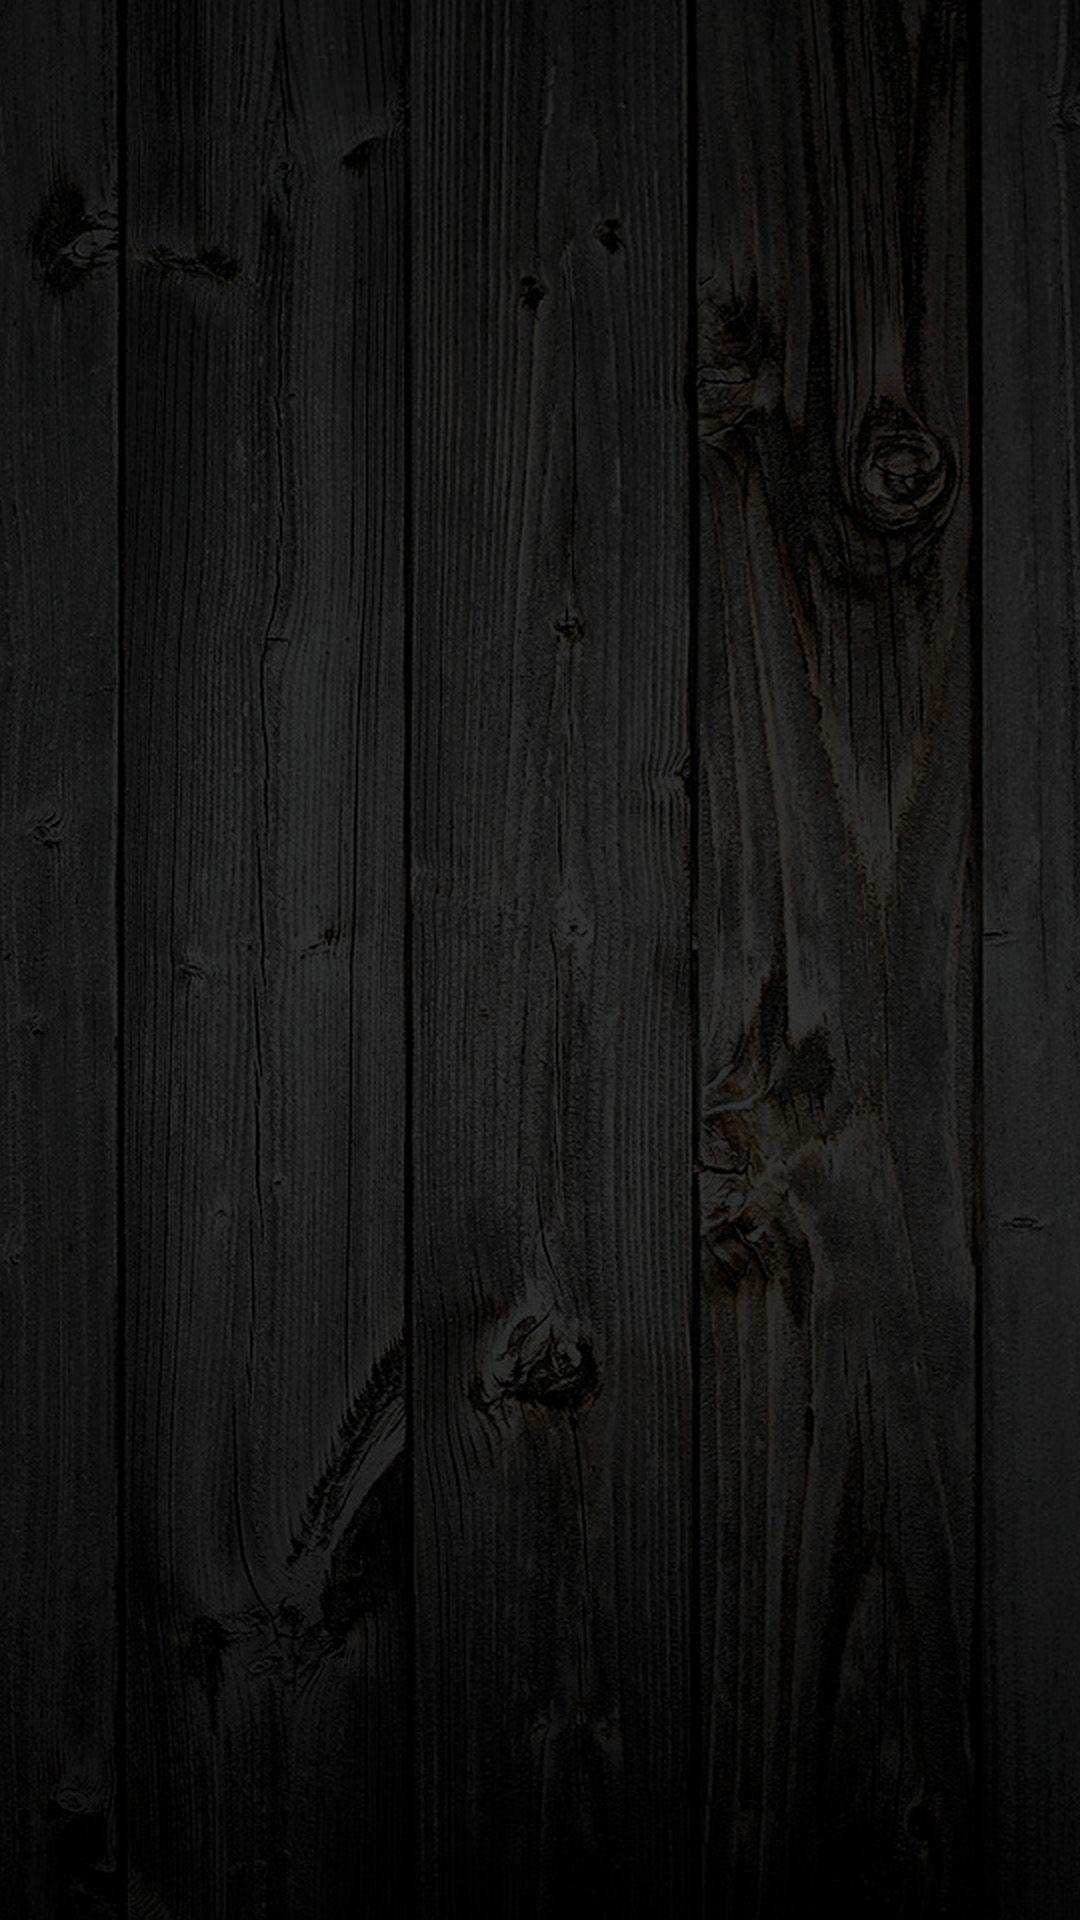 Hd Wallpaper Black And White Mobile Kertas Dinding Latar Belakang Wallpaper Ponsel